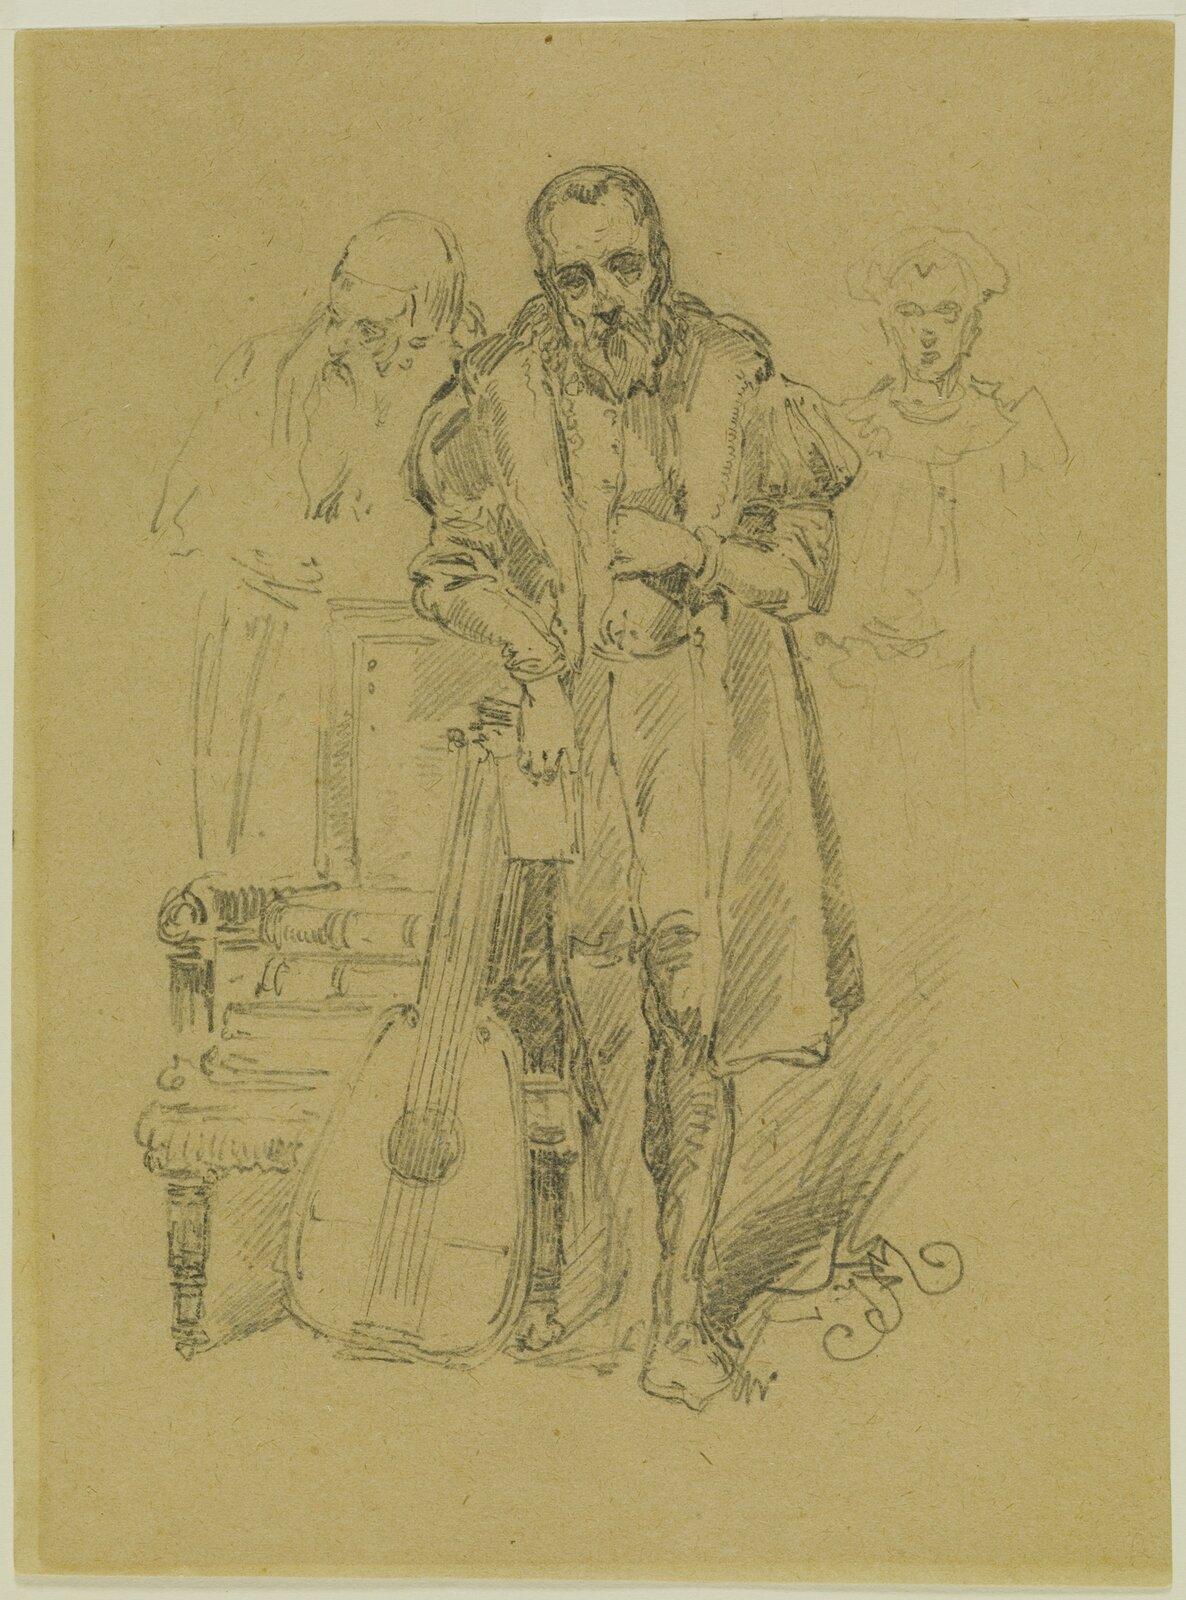 Jan Kochanowski po stracie Urszuli Źródło: Jan Matejko, Jan Kochanowski po stracie Urszuli, ok. 1862, rysunek ołówkiem, domena publiczna.